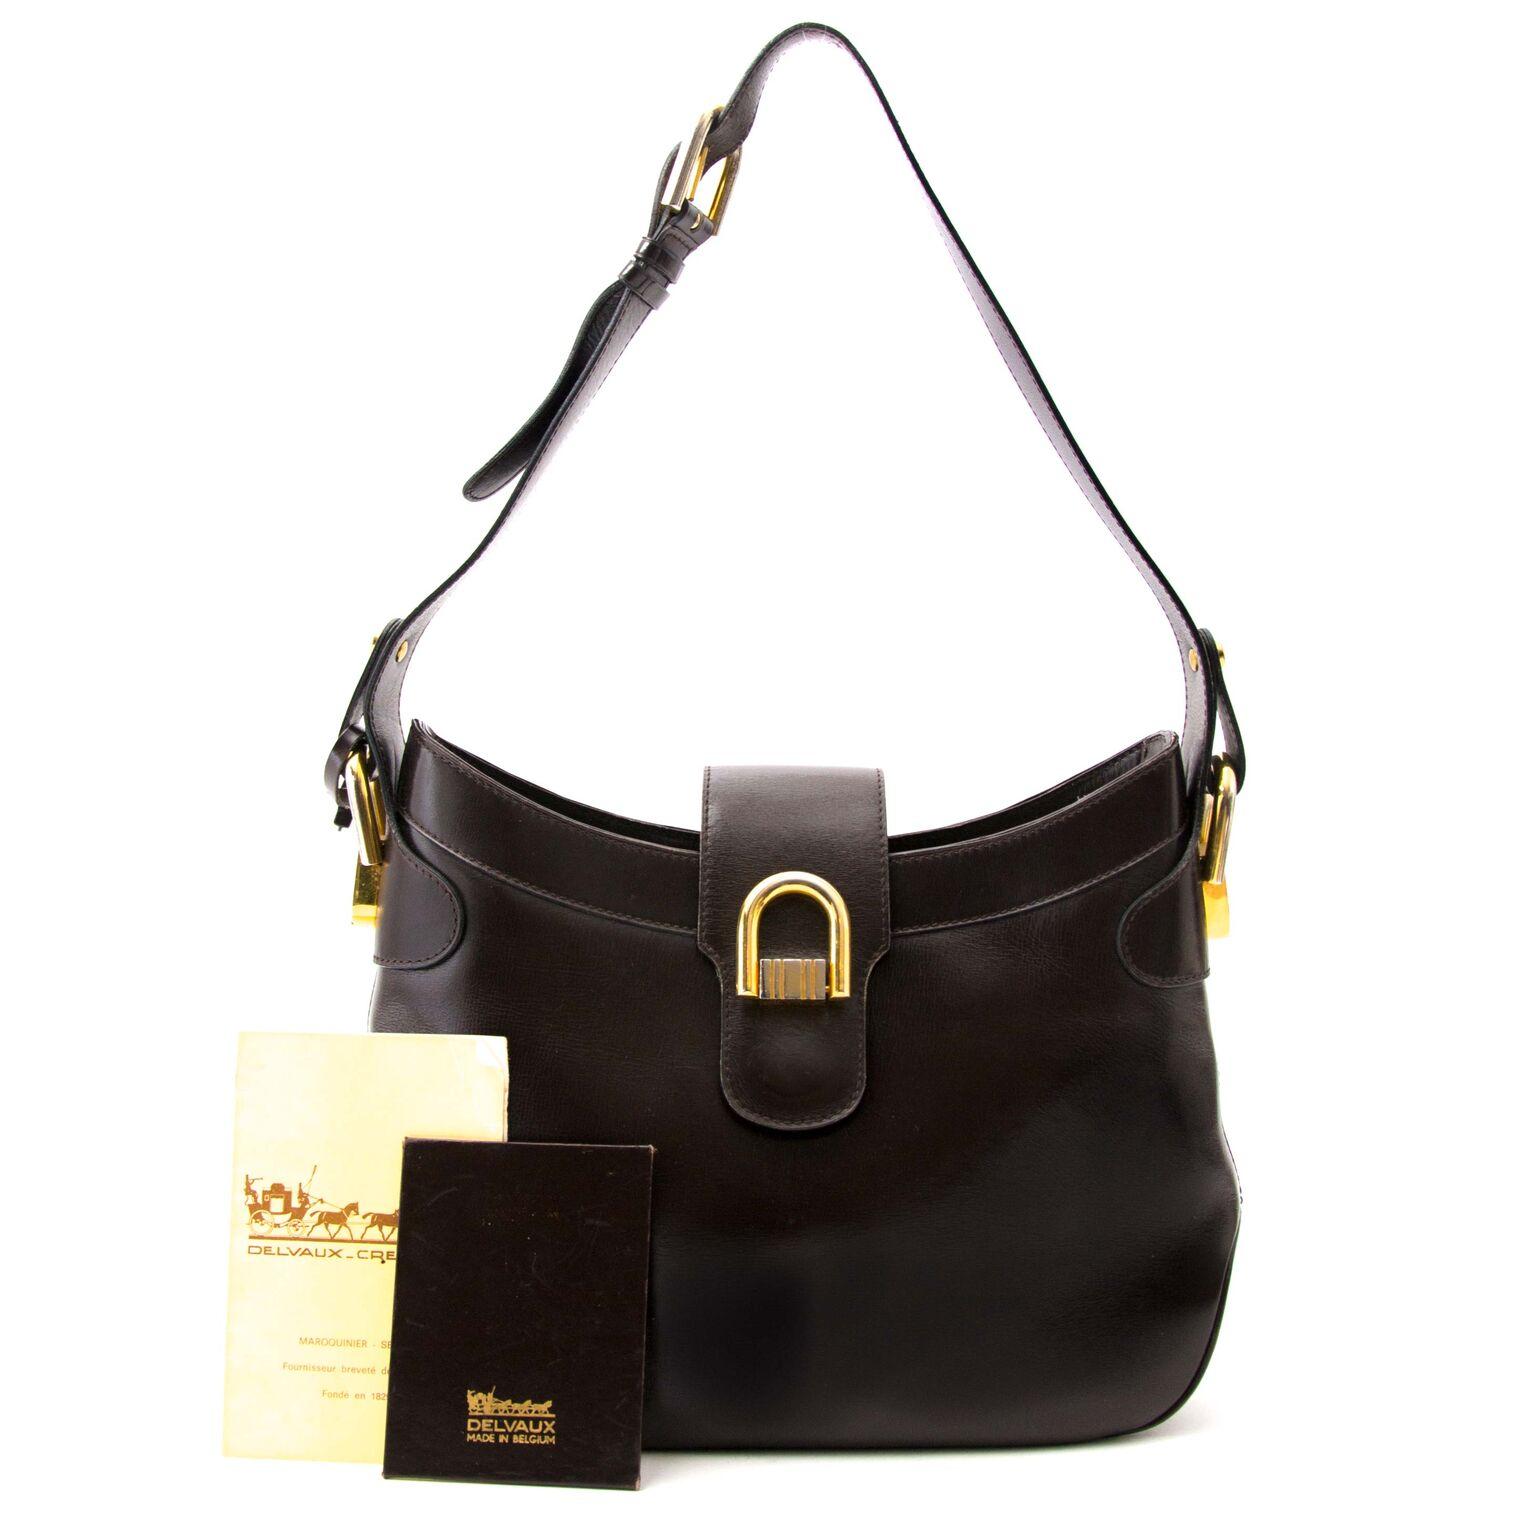 Koop online in belgië designer handtassen van Delvaux bij labellov.com